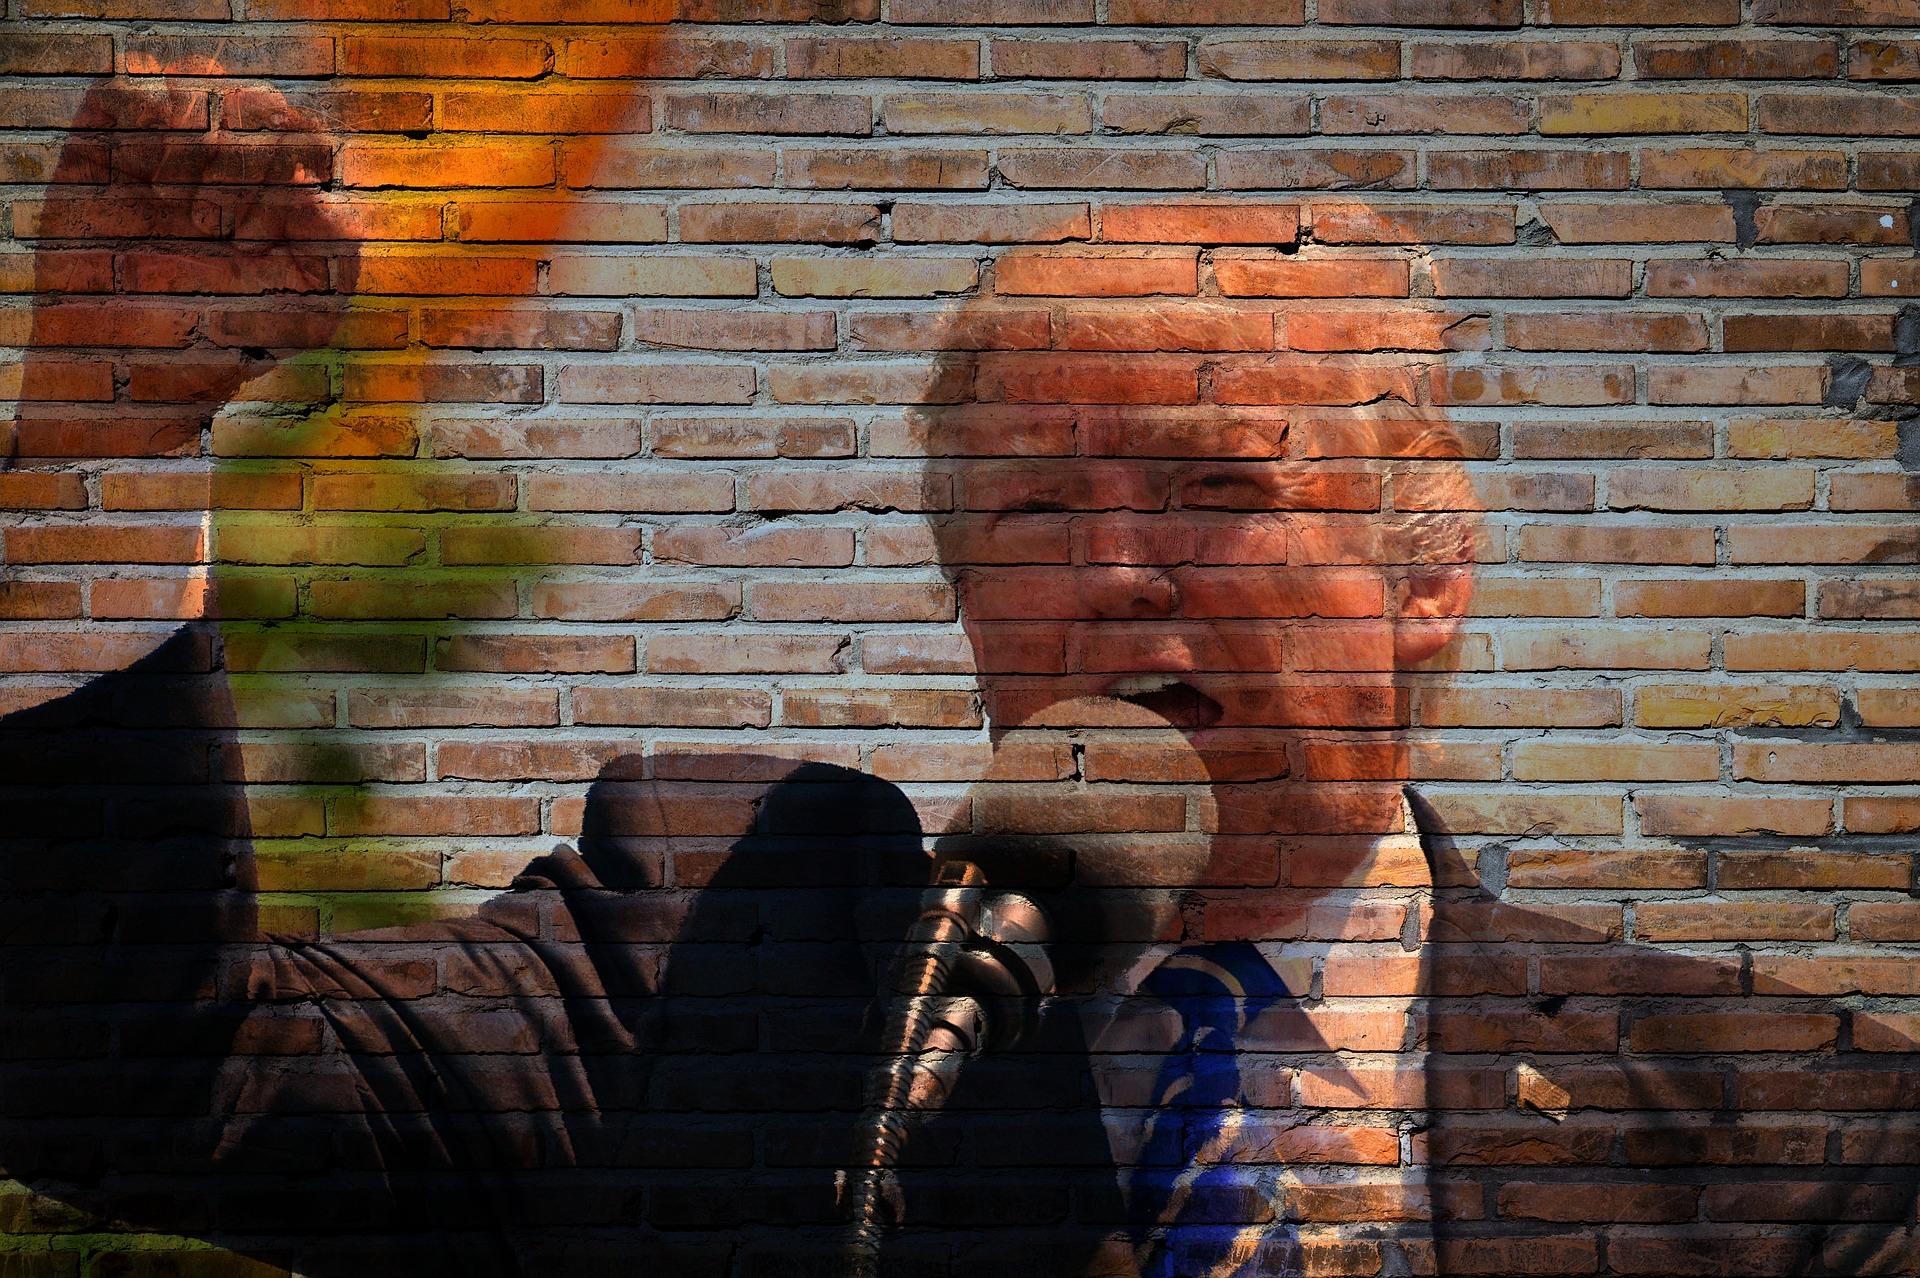 Eine der herausragendsten Eigenschaften von Donald Trump seine AUTHENTIZITÄT